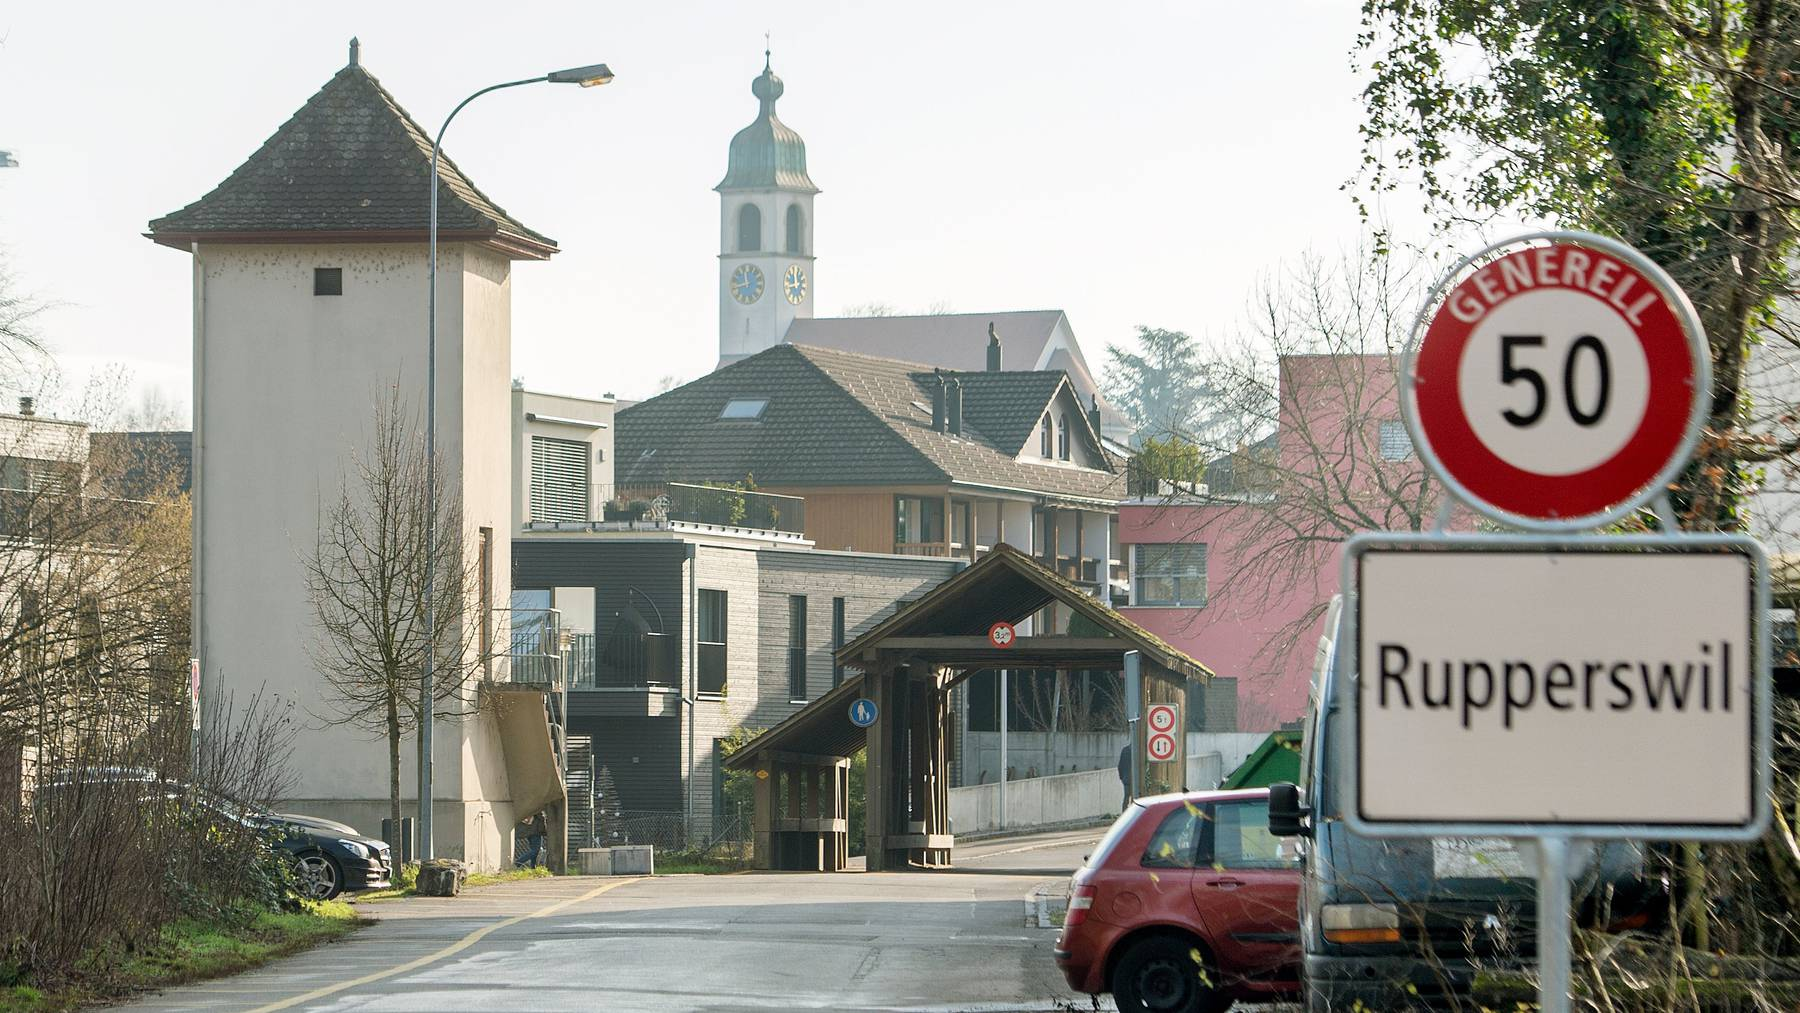 Der Täter von Rupperswil brachte vier Menschen um und zündete daraufhin das Haus an. (Archivbild)